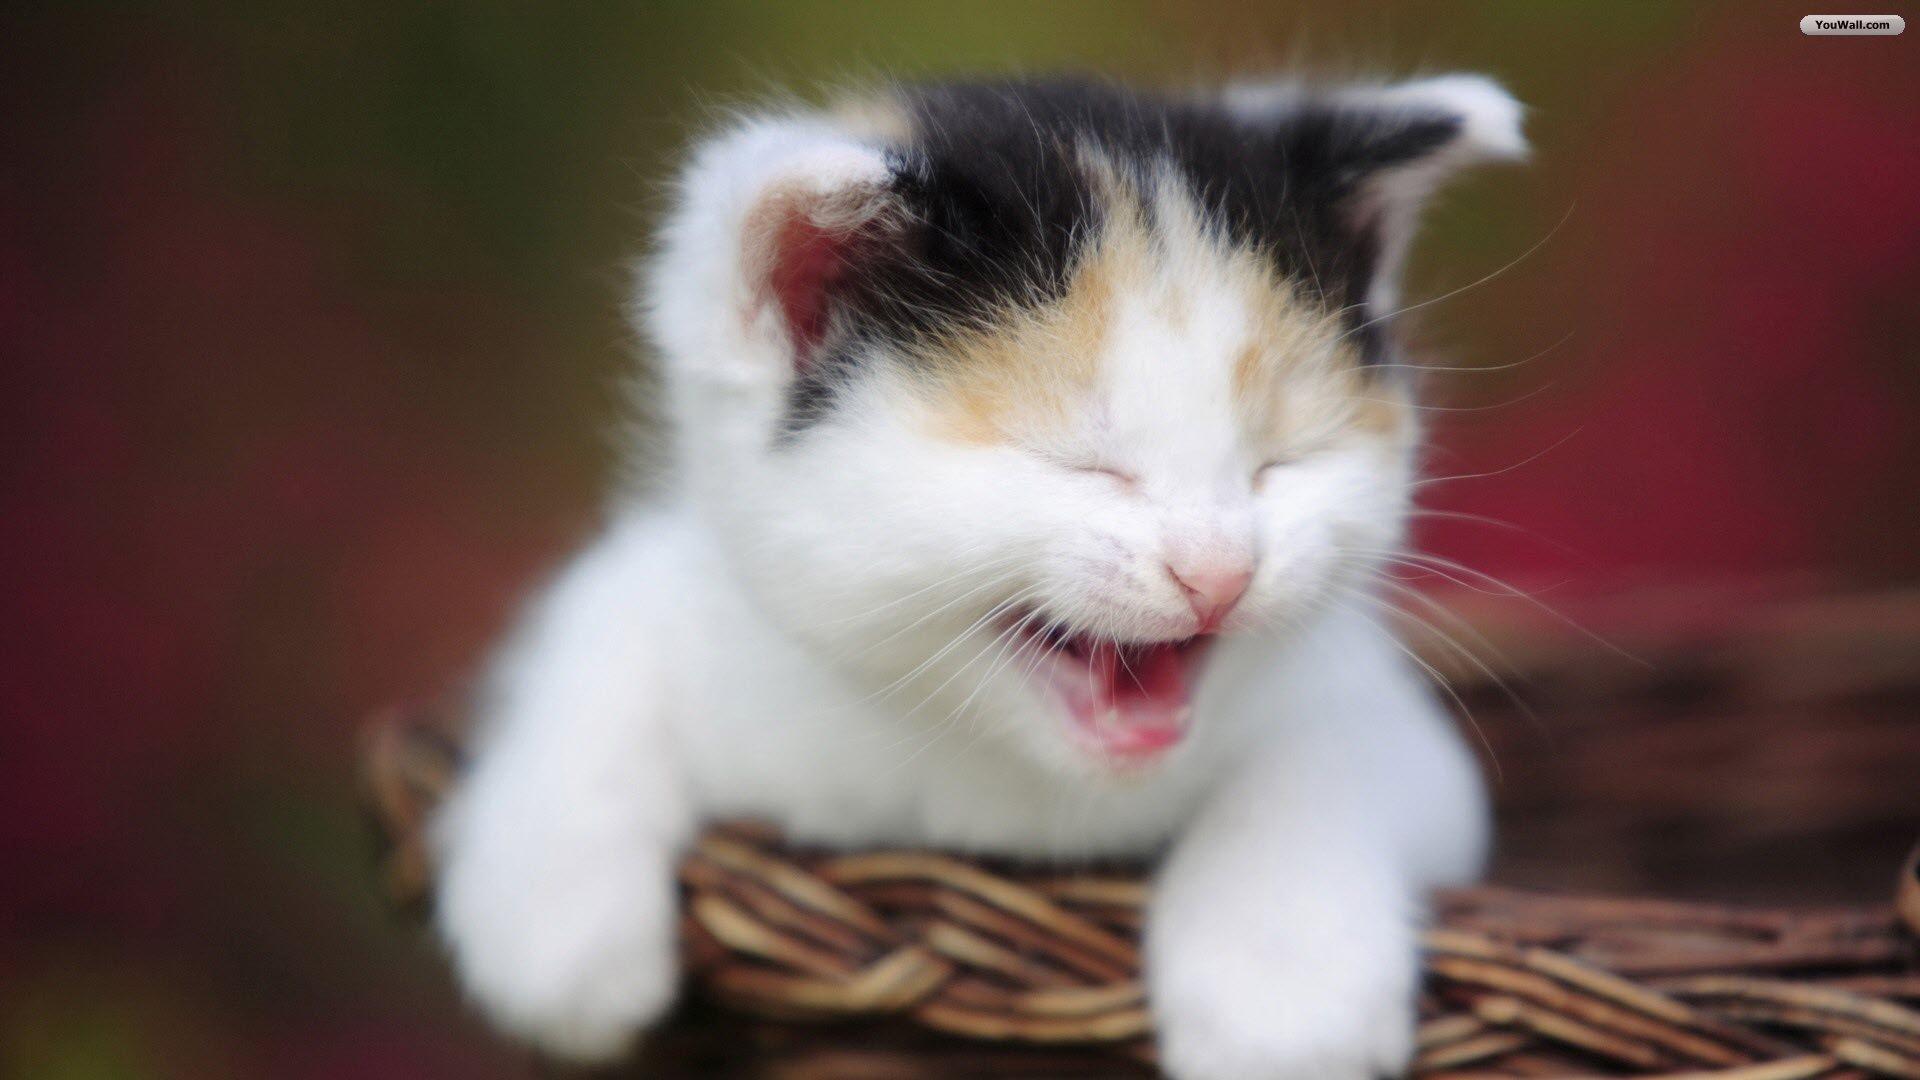 Laughing-Cat-Wallpaper-10